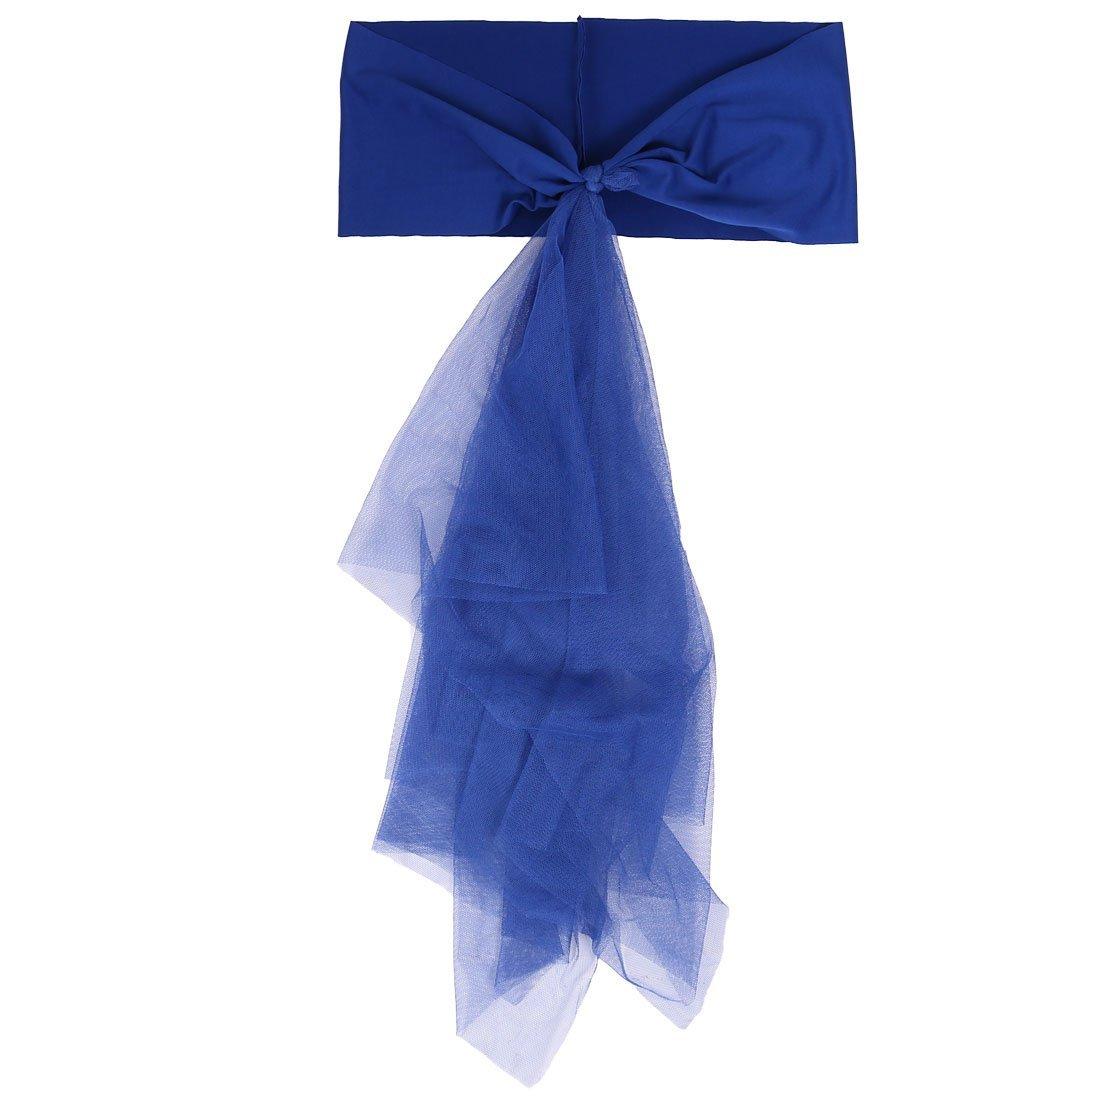 Amazon.com: eDealMax Cubierta de la Silla del ornamento Aniversario Festival de banquetes banquete de boda de la decoración de Rose Banda 2 en 1 Azul ...